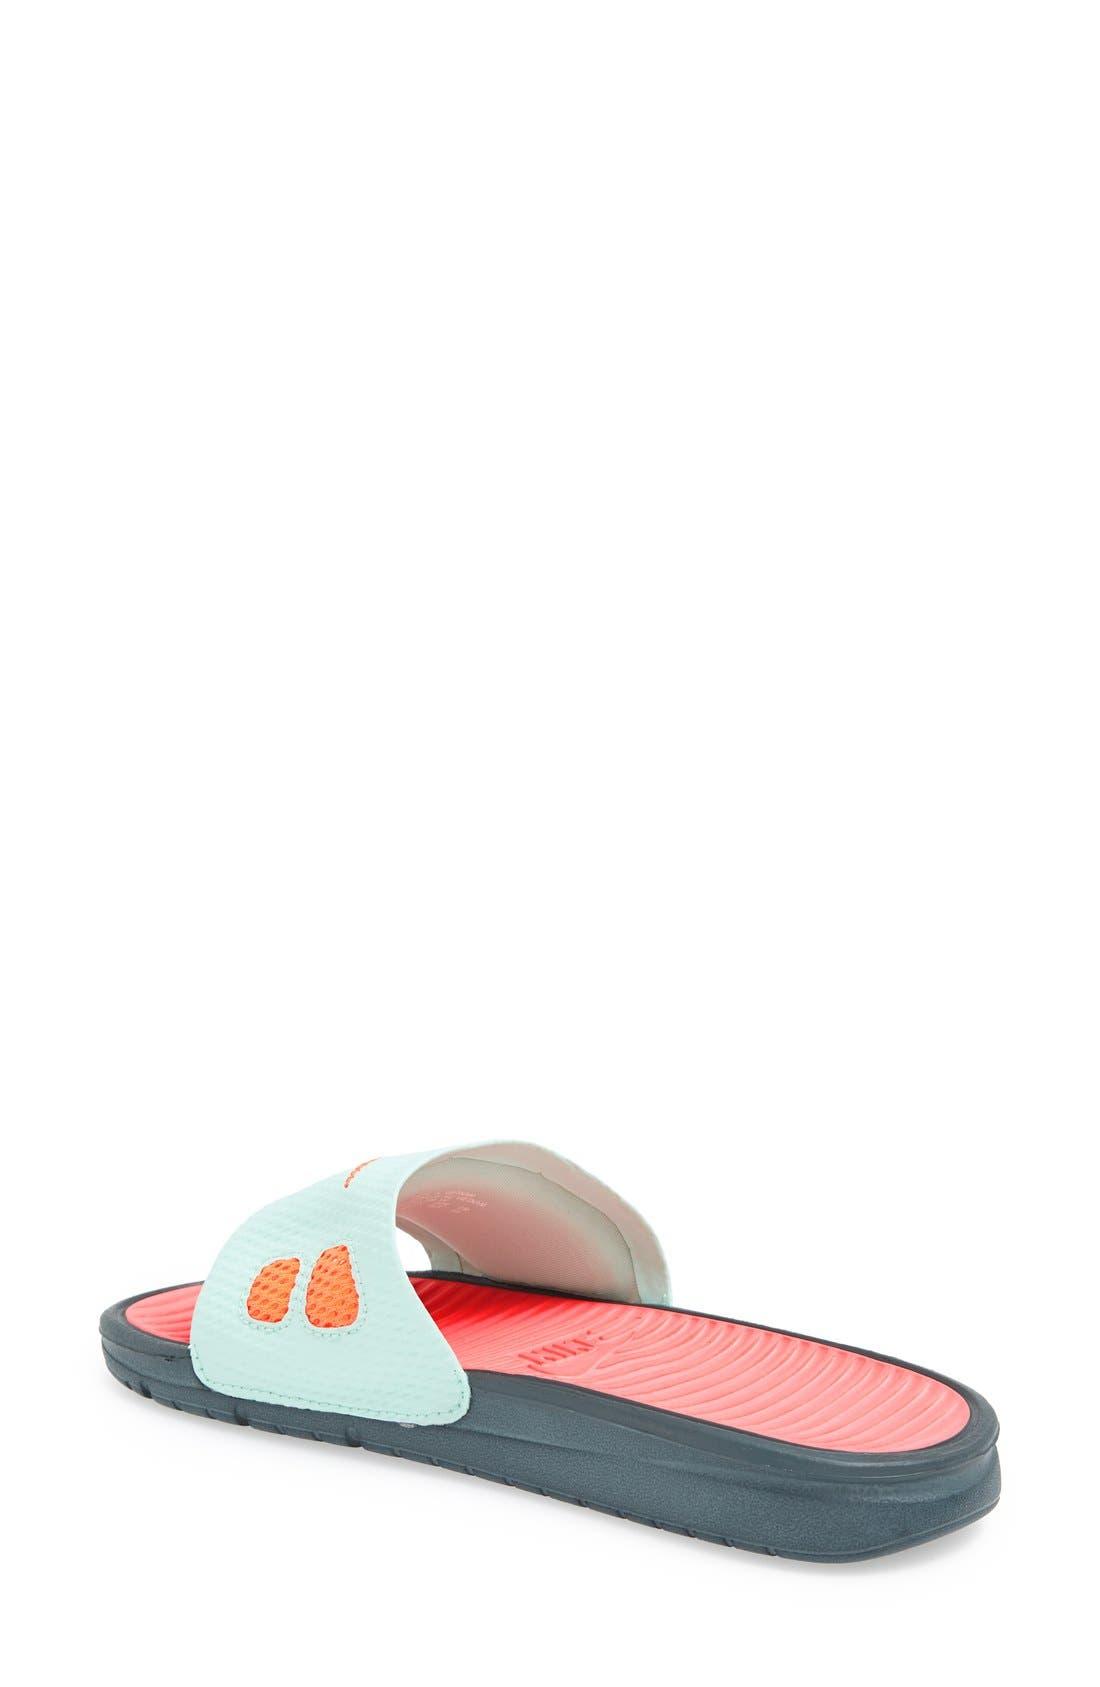 Alternate Image 3  - Nike 'Benassi - Solarsoft' Slide Sandal (Women)